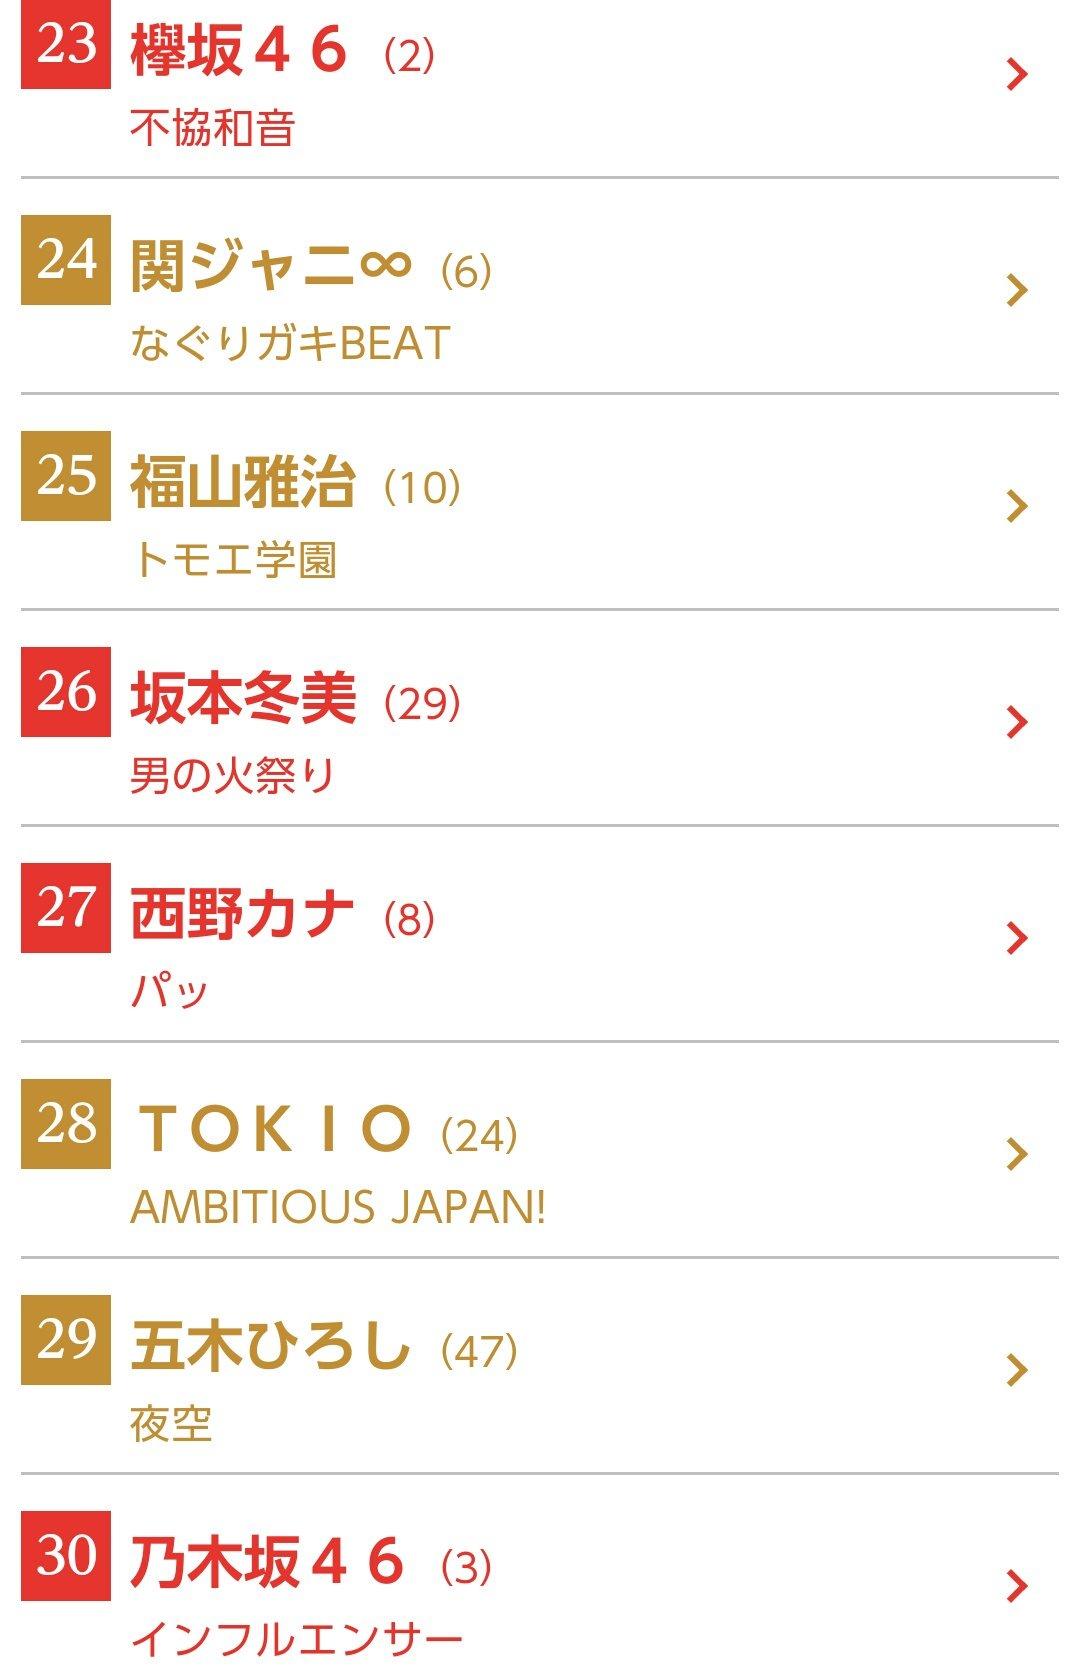 第68回NHK紅白歌合戦の曲目&曲順発表!欅坂46は23番目「不協和音」、乃木坂46は30番目「インフルエンサー」